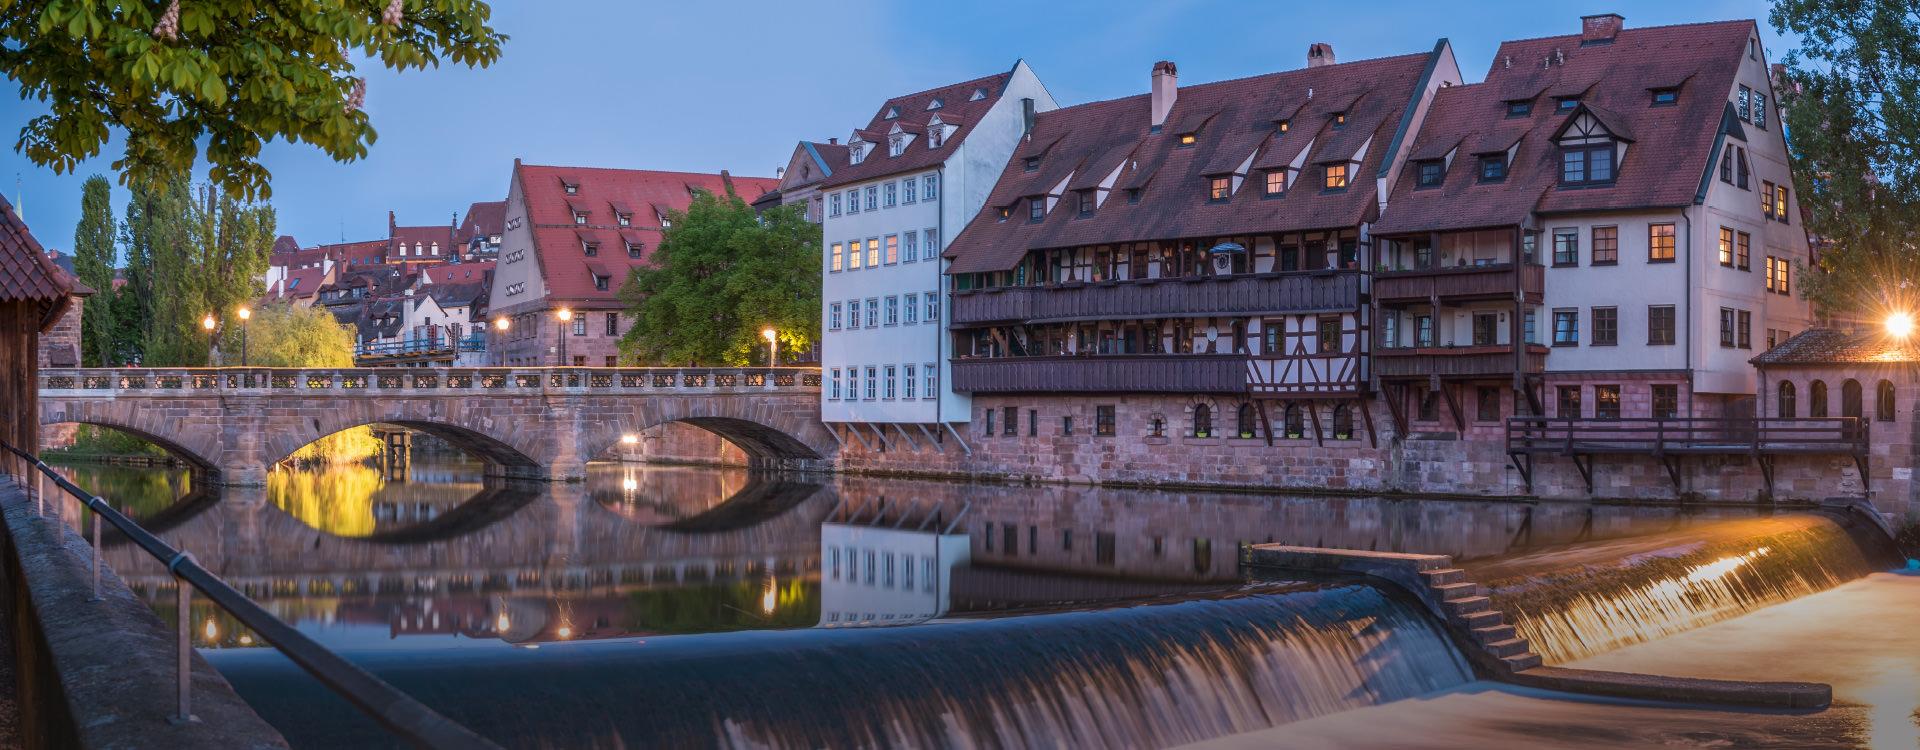 Nürnberg kennenlernen